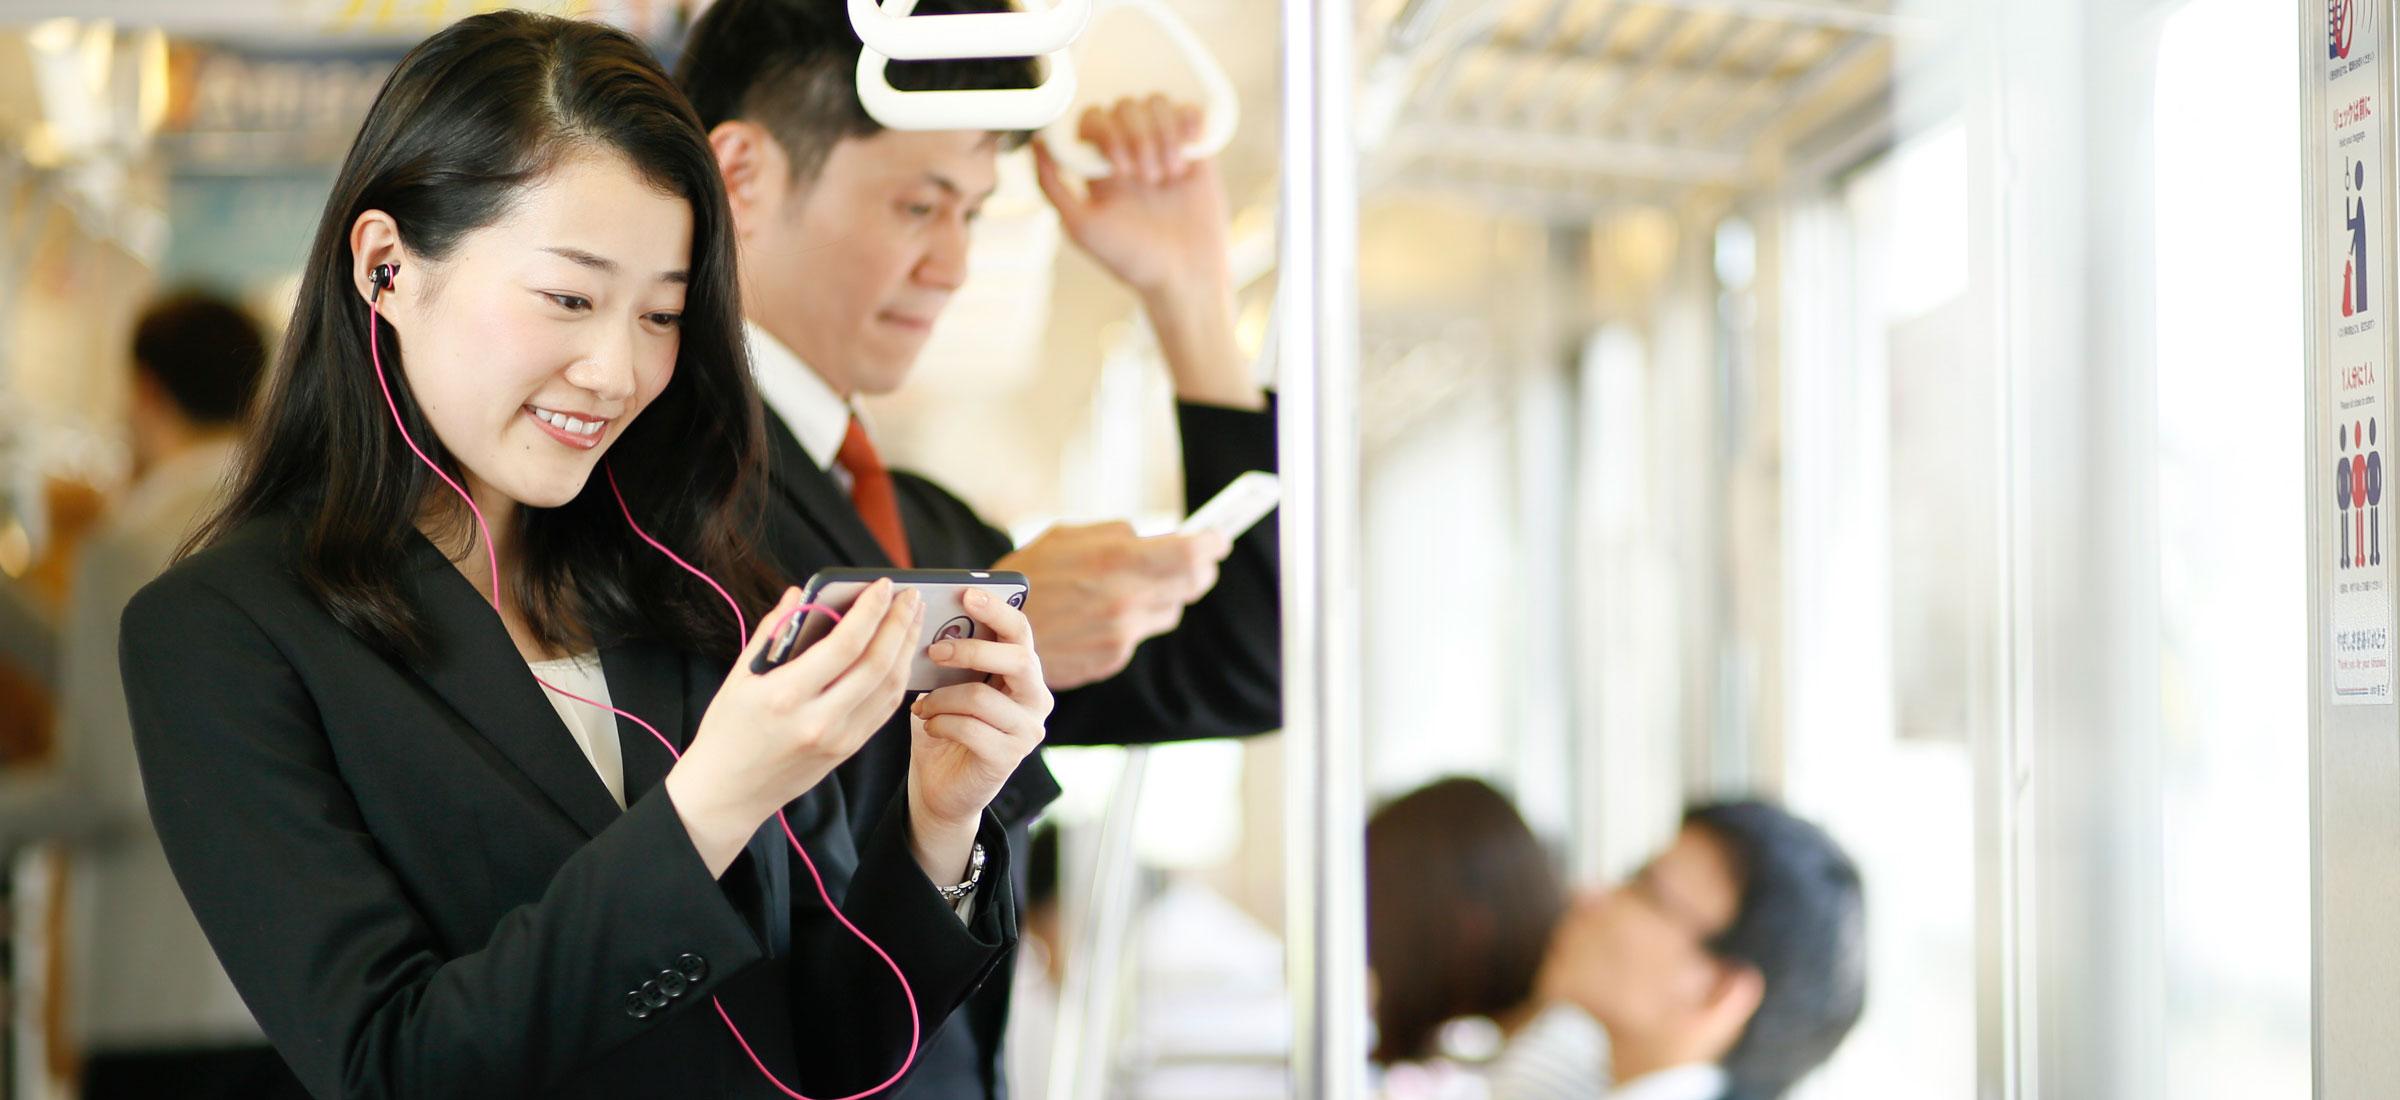 行政書士 通勤講座 - スマホで学べる通信講座で資格を取得 1